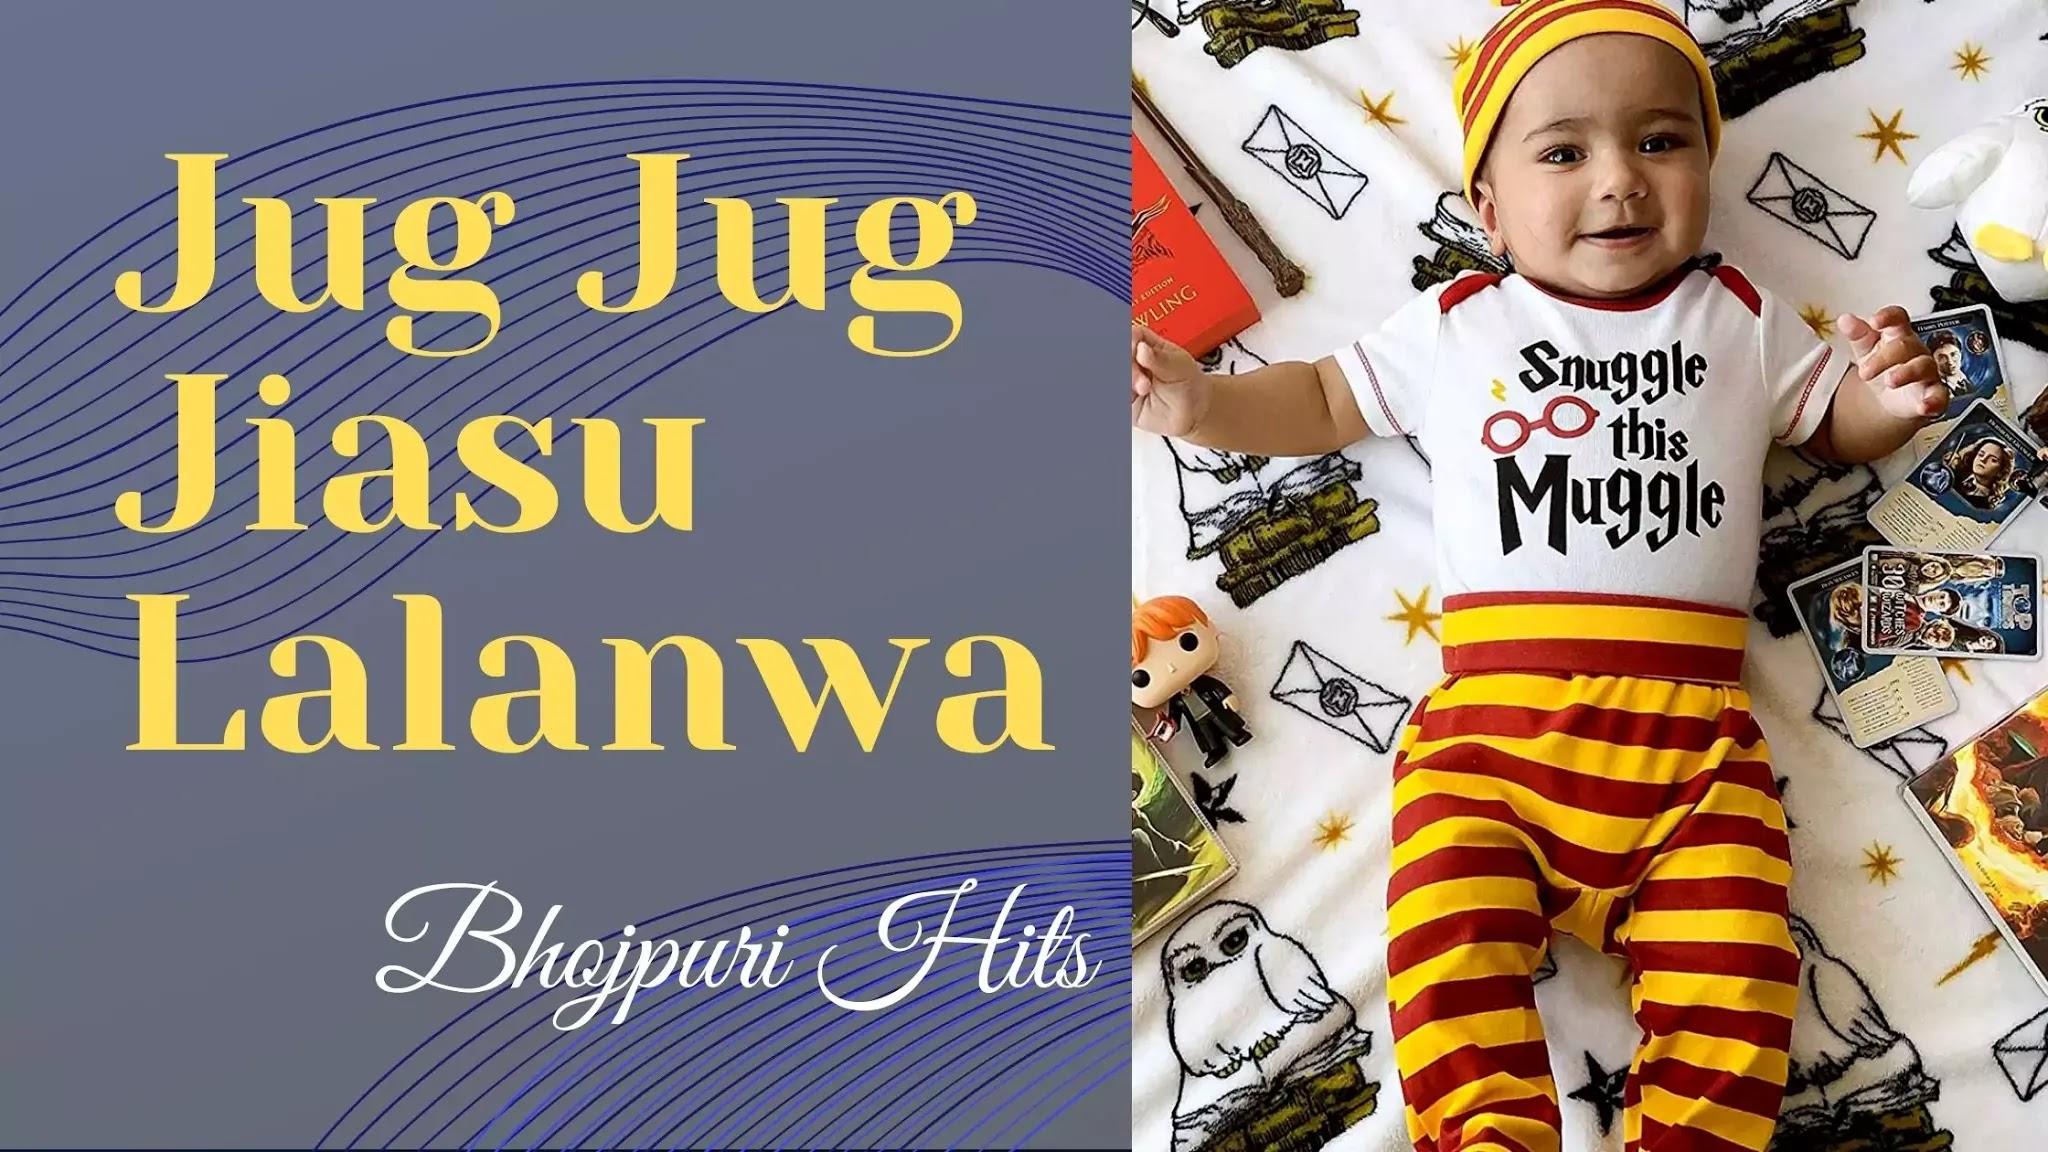 Bhopuri Song jug jug jiya su lalanwa lyrics Sohar Geet